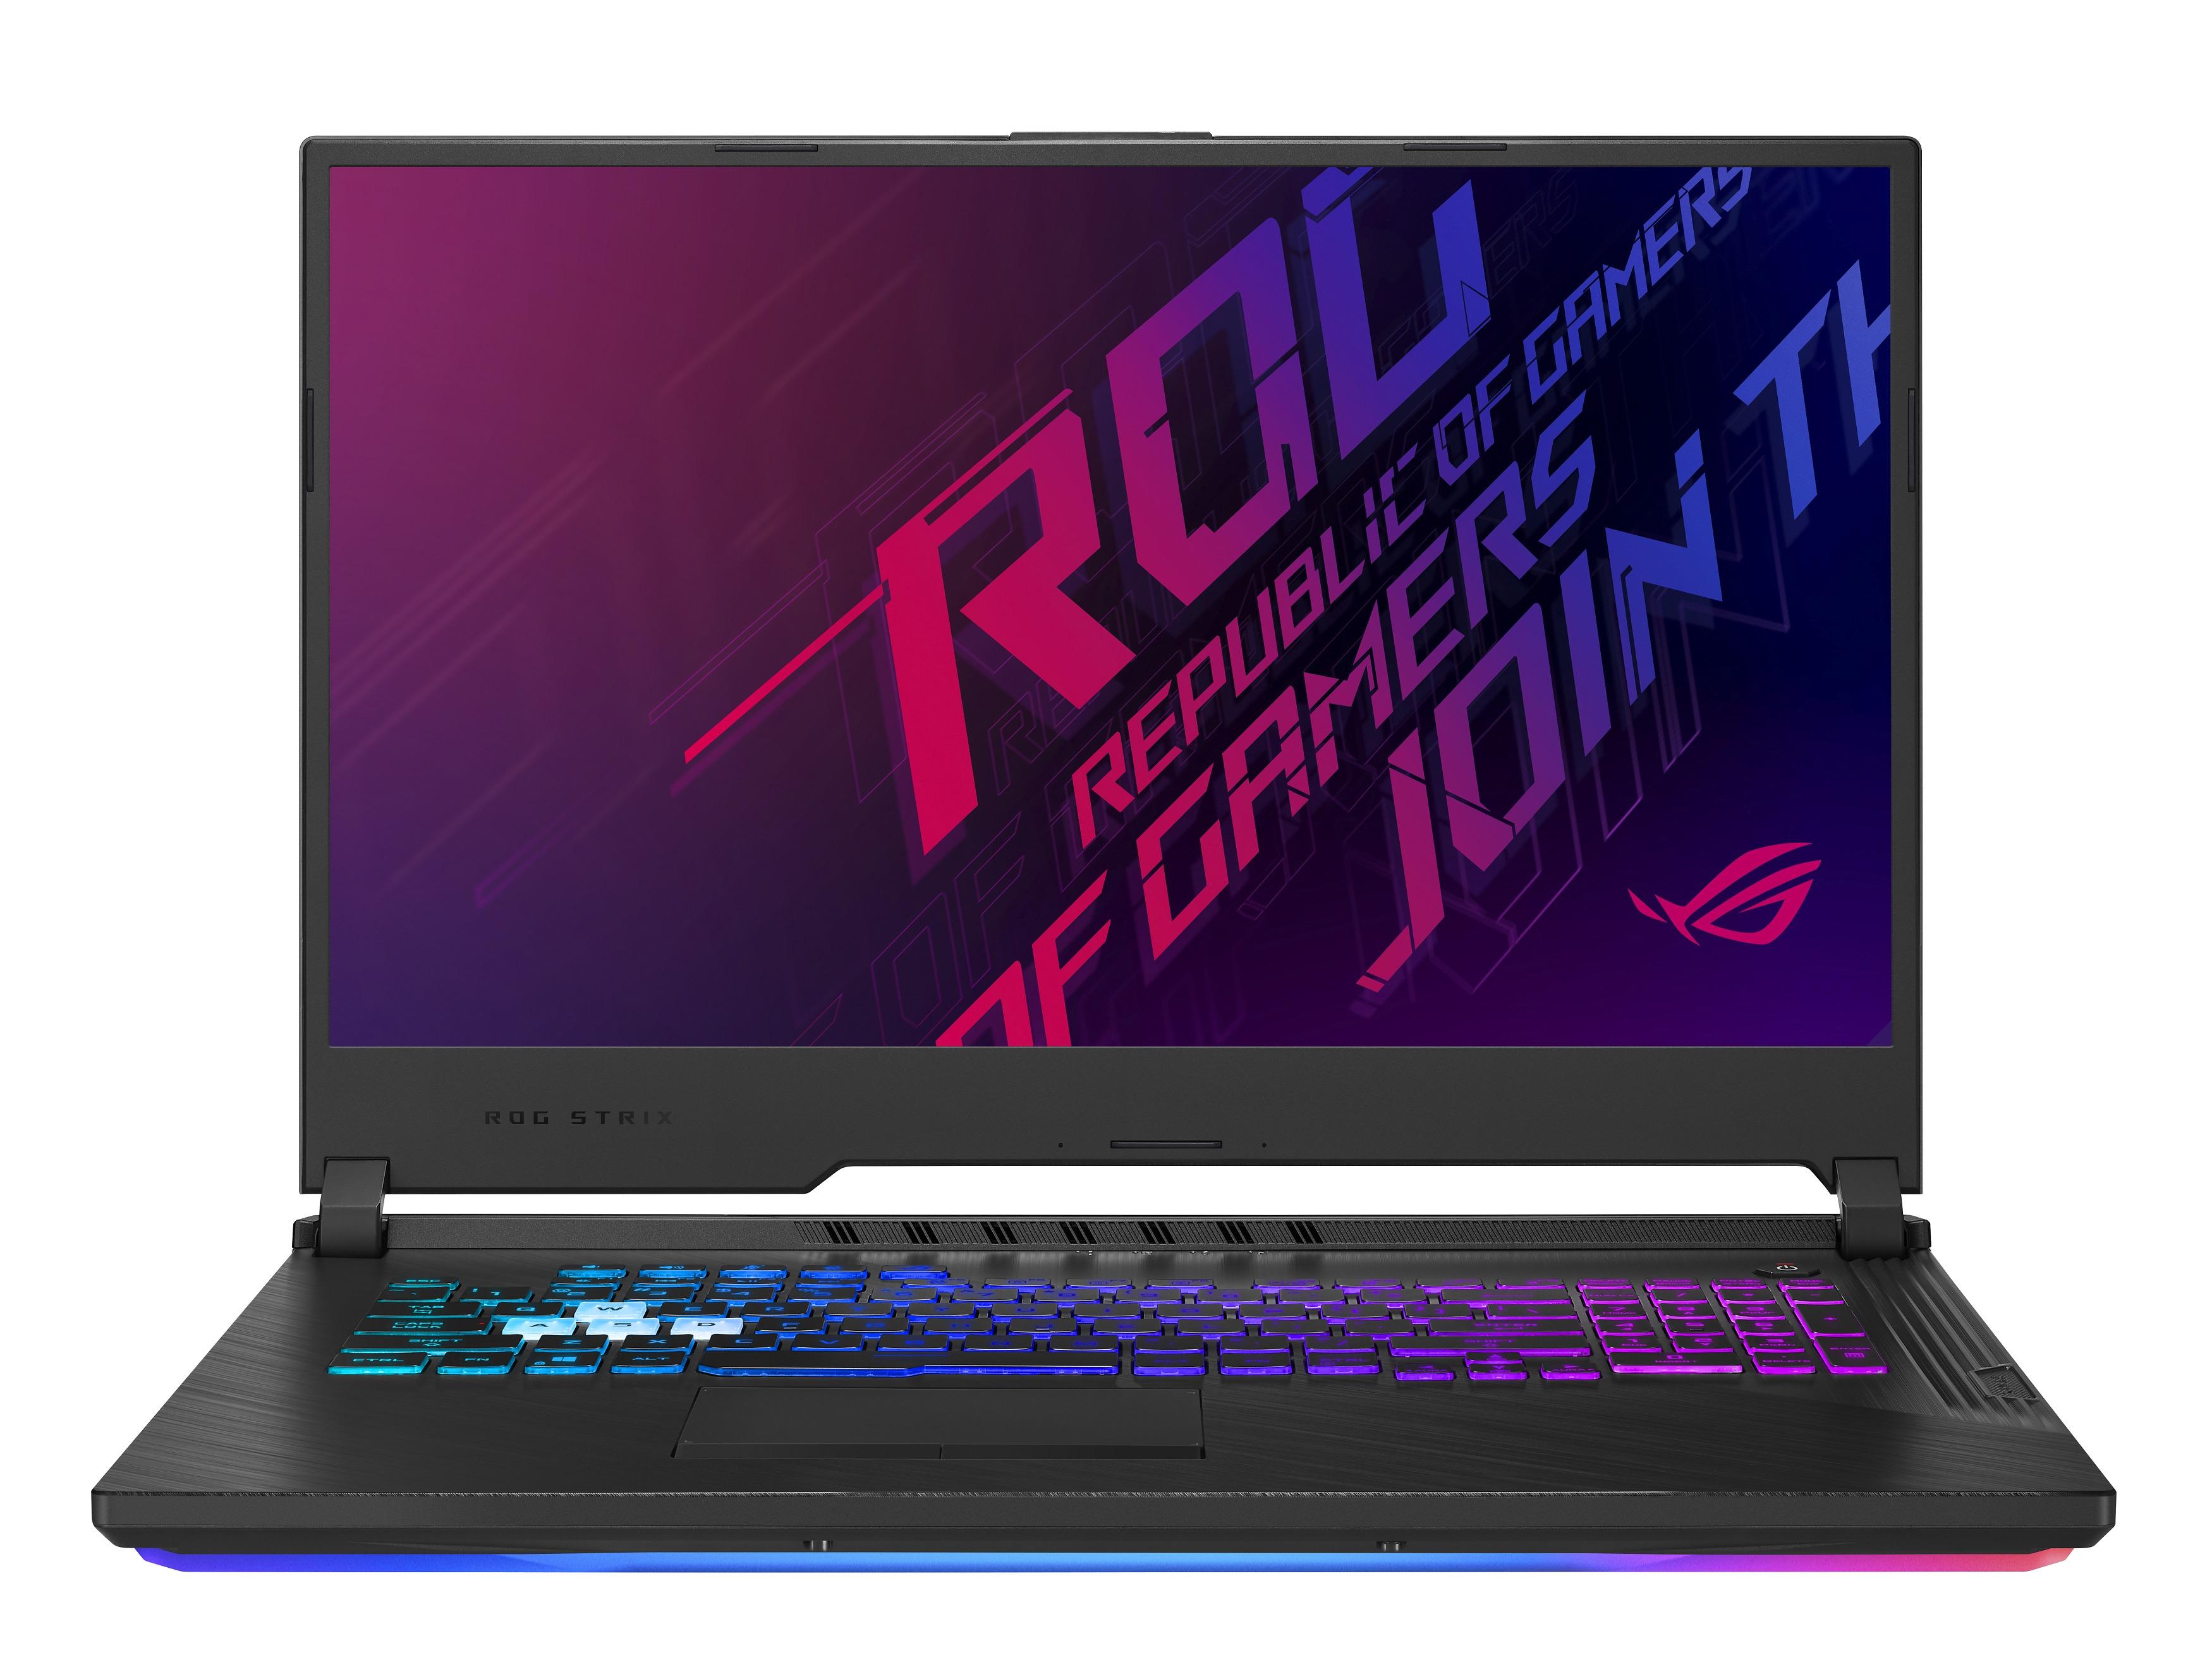 Op Perfect LCD is alles over computer te vinden: waaronder expert en specifiek Asus ROG Strix G712LWS-EV003T Laptop - 17 Inch